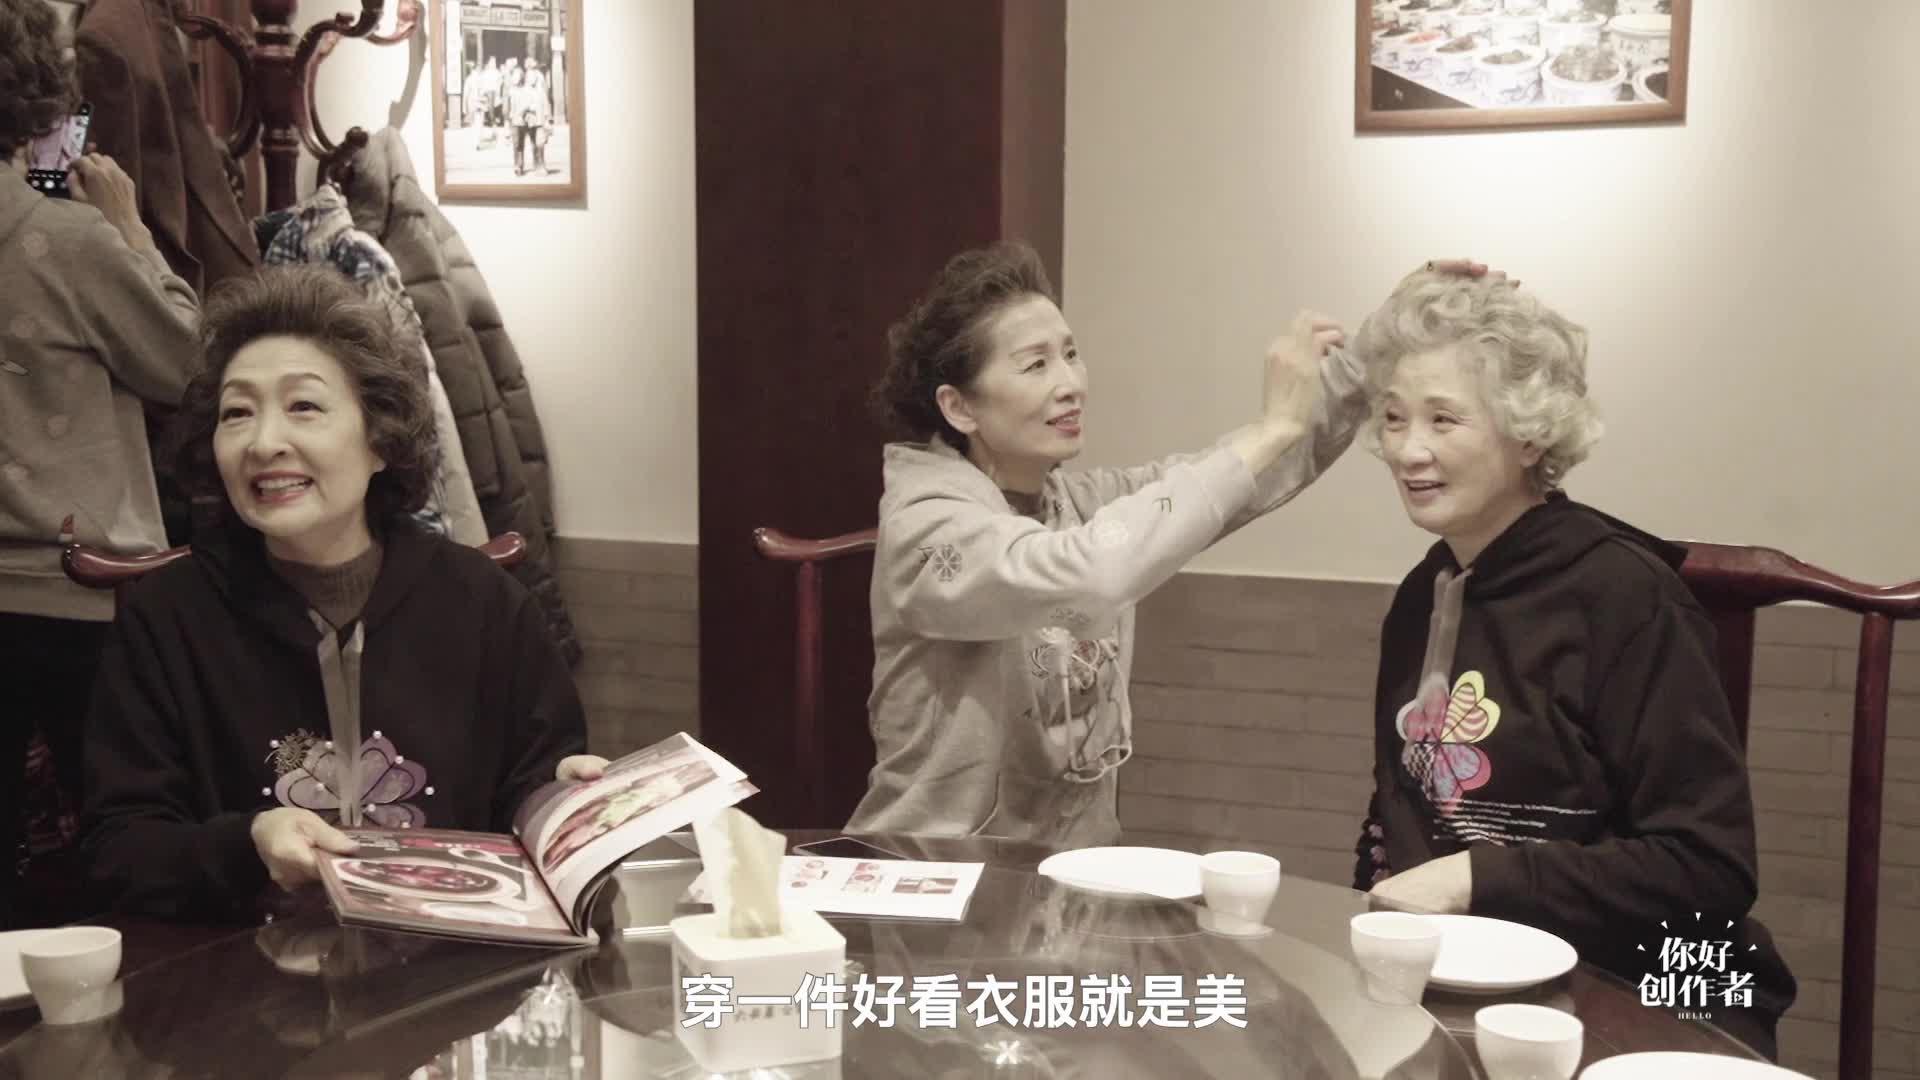 时尚奶奶:其实老有它的美,有它更深韵味的美